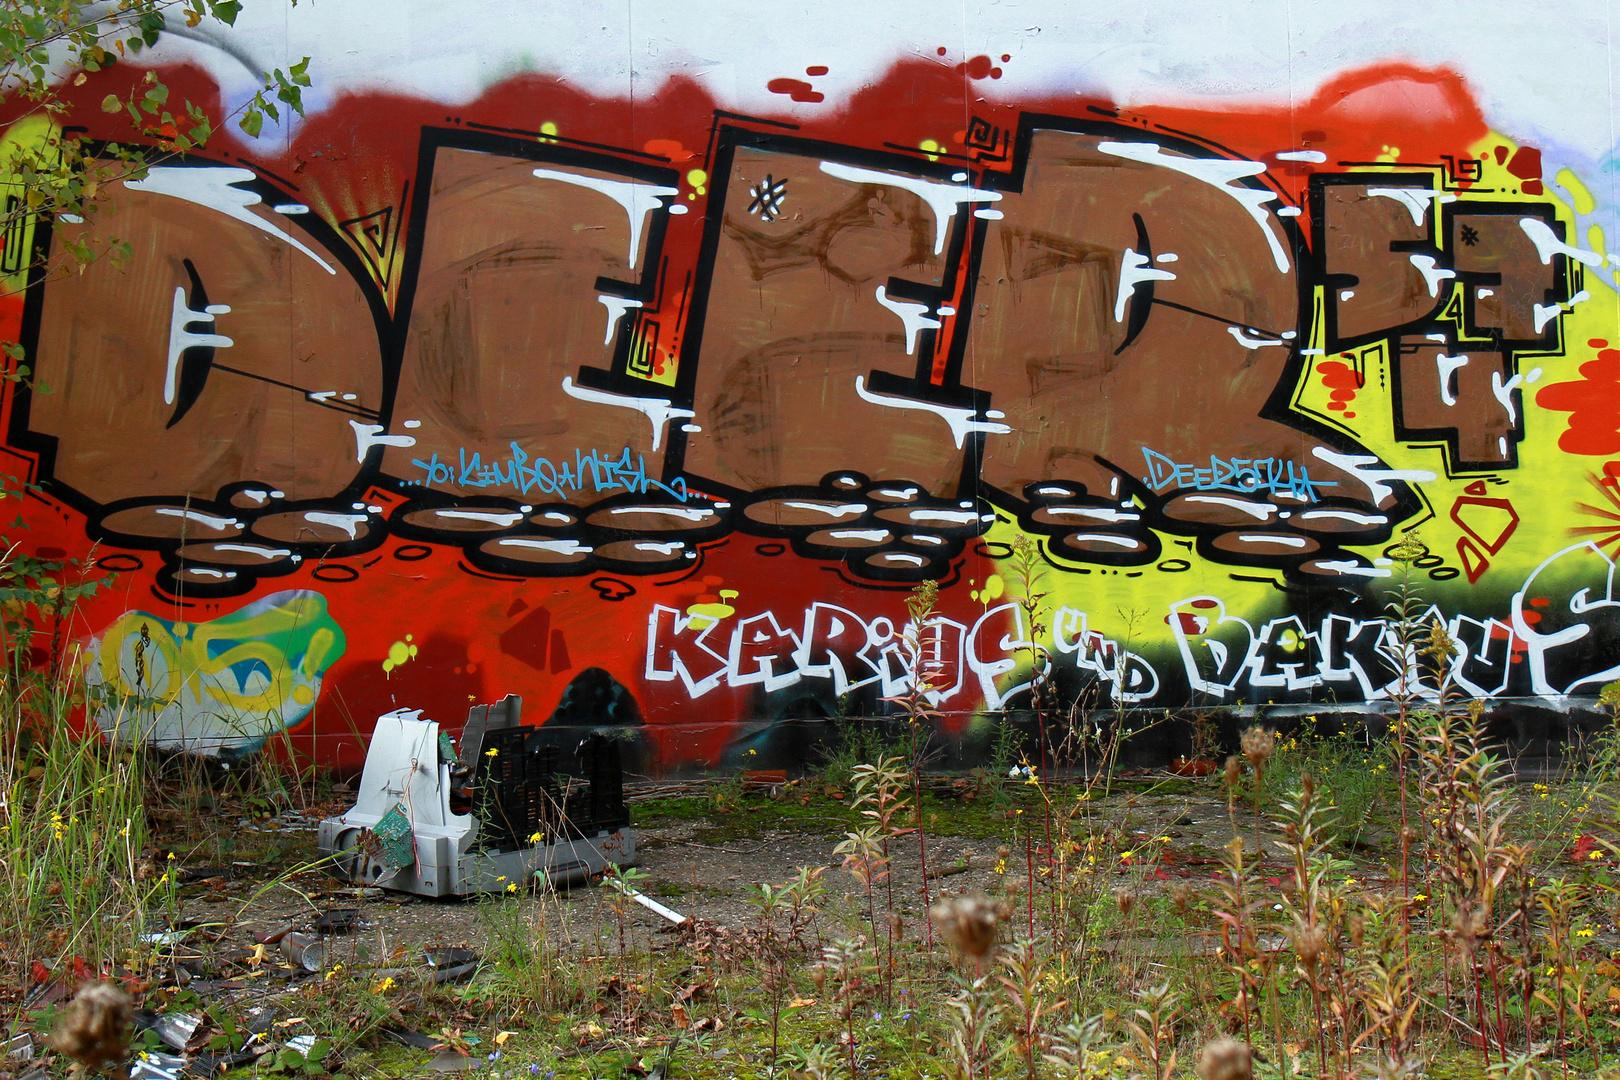 Verlassenes Bahnhofsgelände Graffiti 3